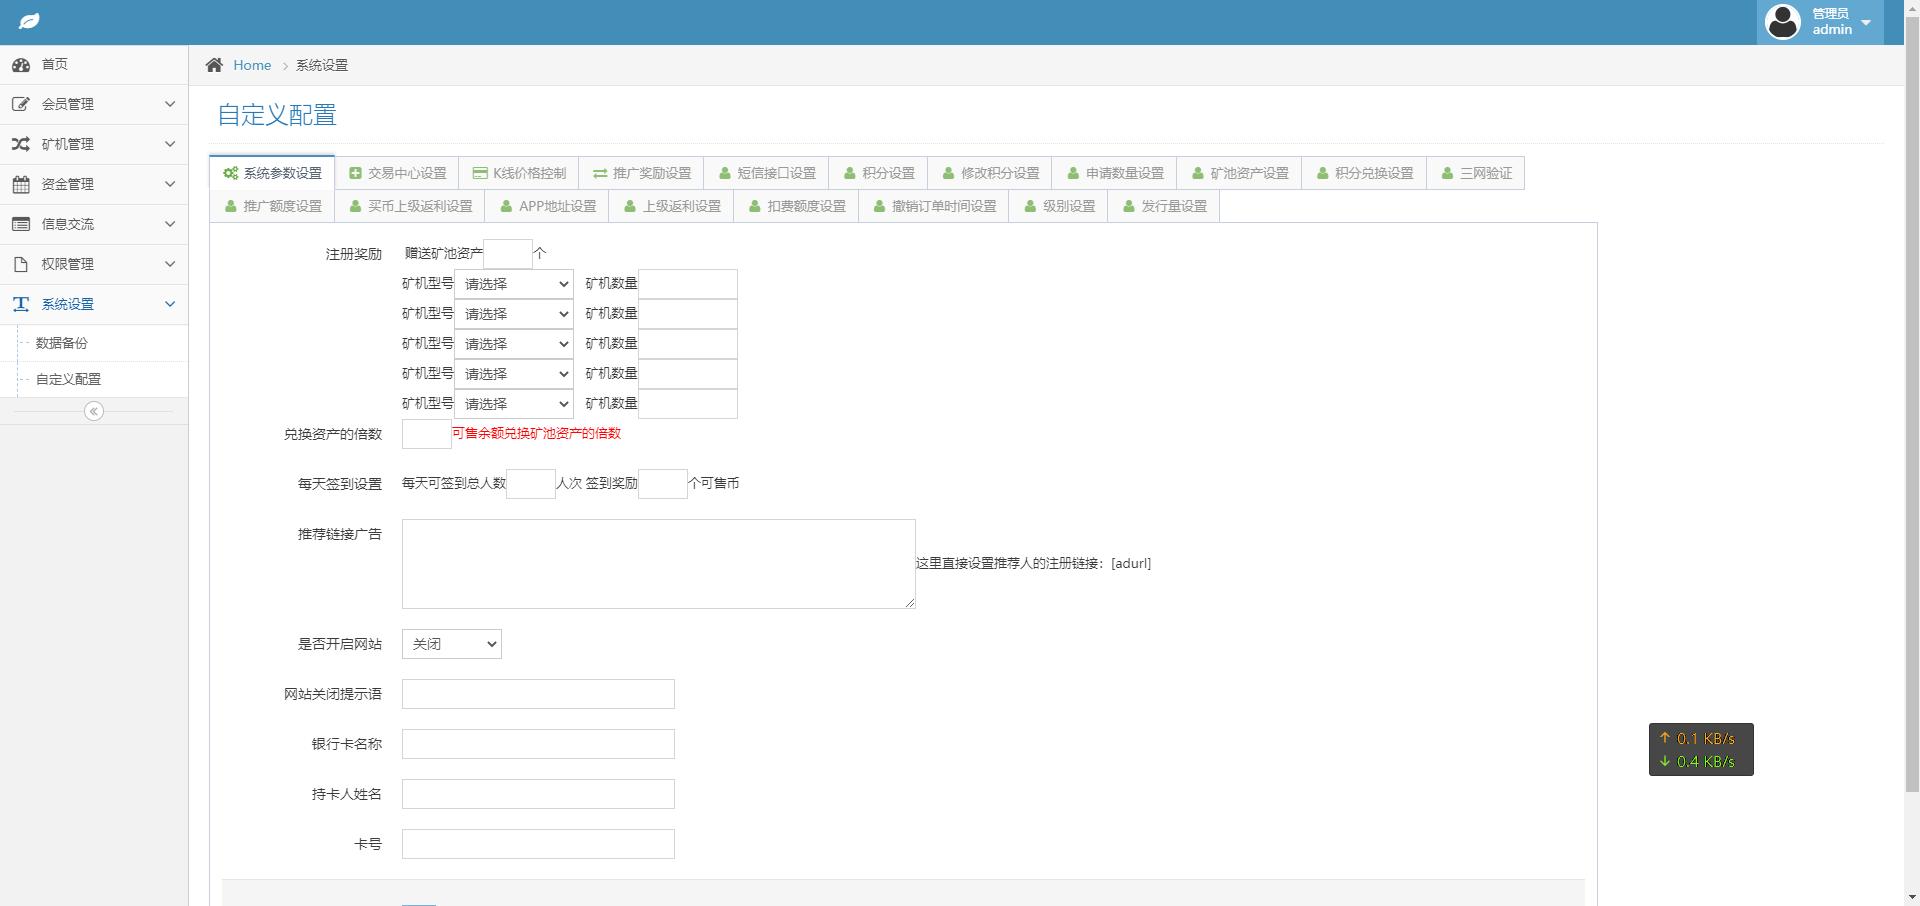 亲测丨量化区块链二开UI合约交易所源码丨挖矿系统tok源码丨推荐奖励 源码下载